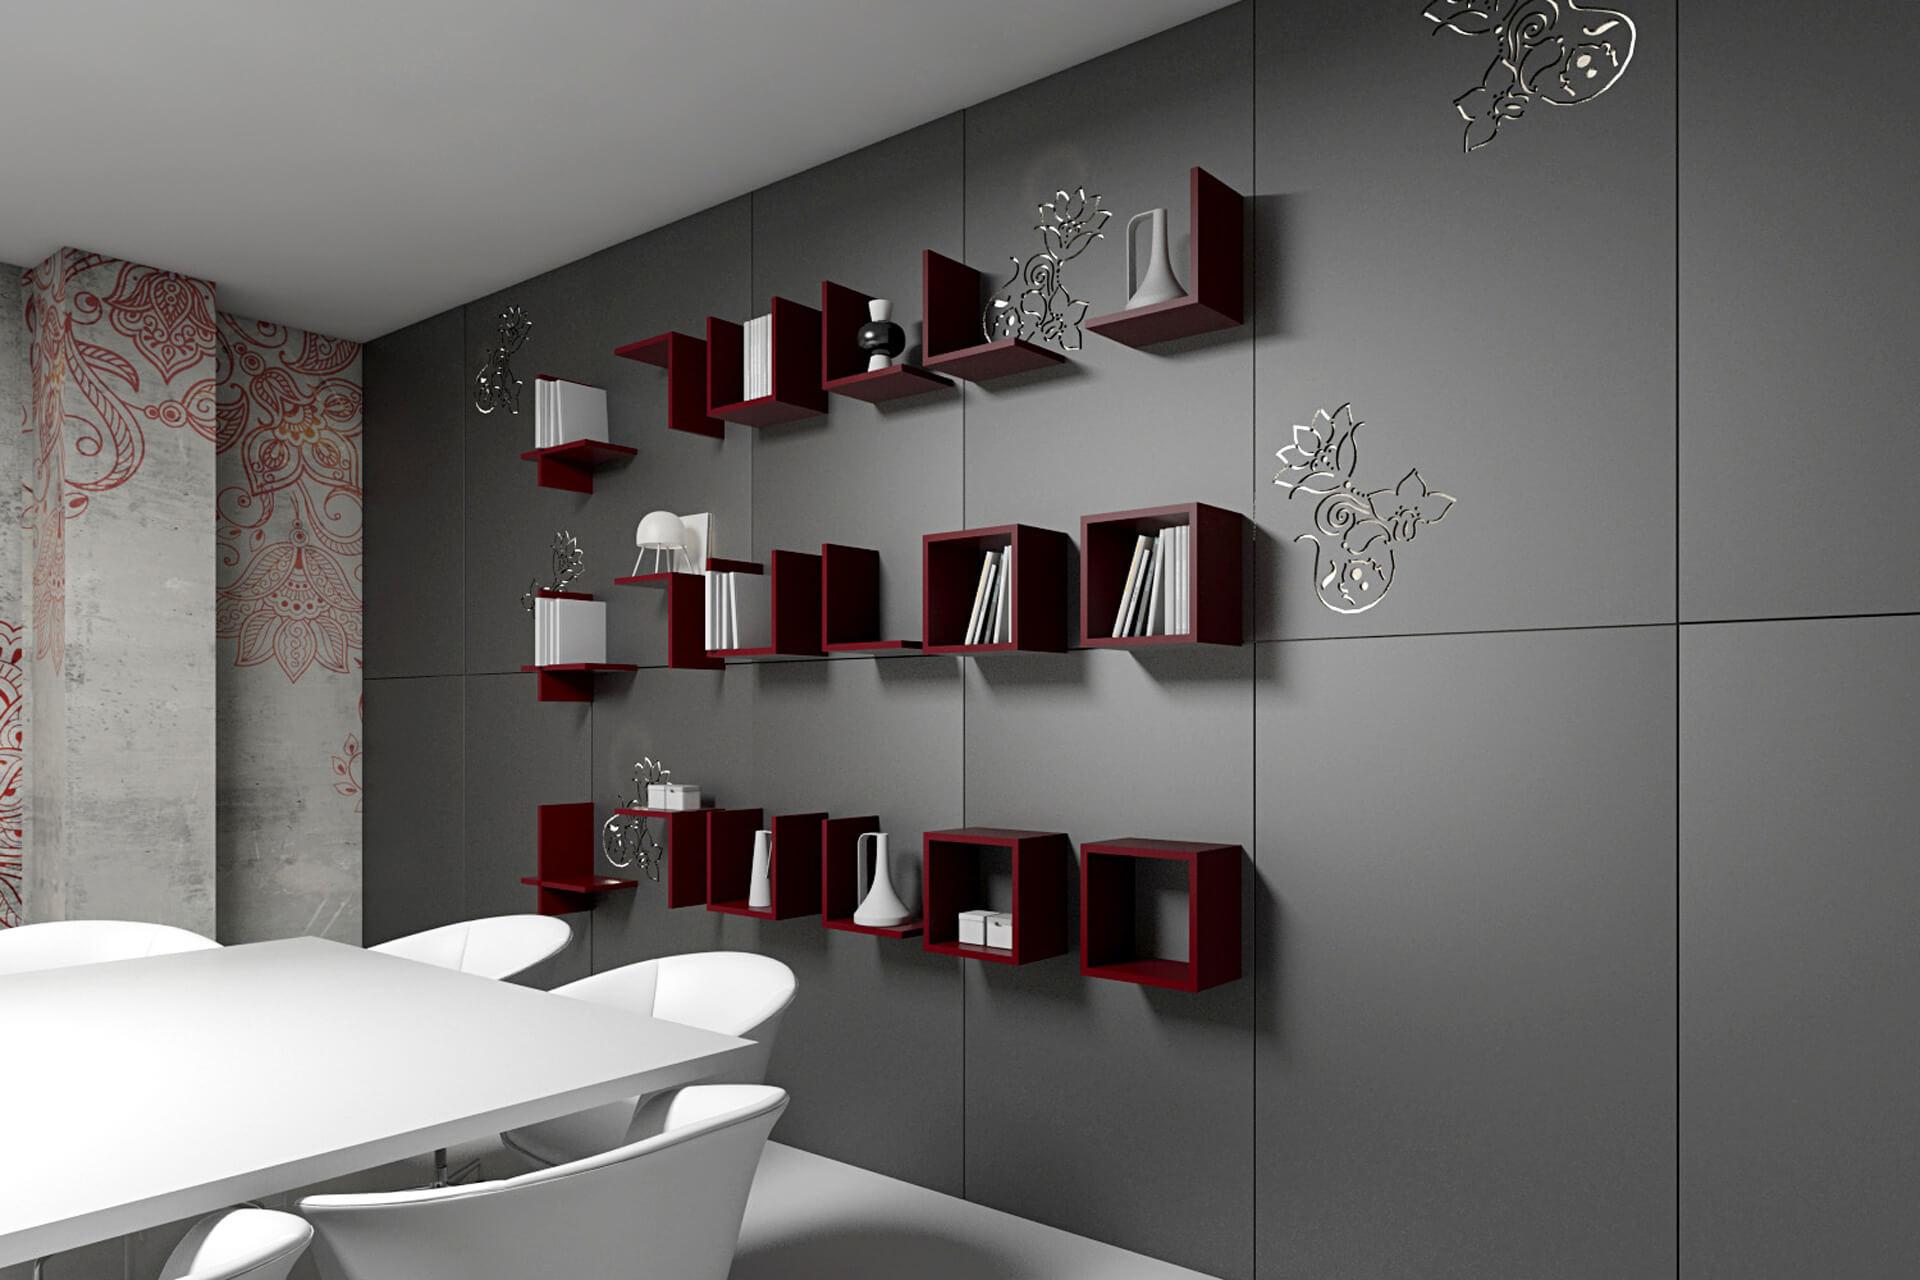 Mobili ufficio design moderno rn78 regardsdefemmes for Ufficio architetto design